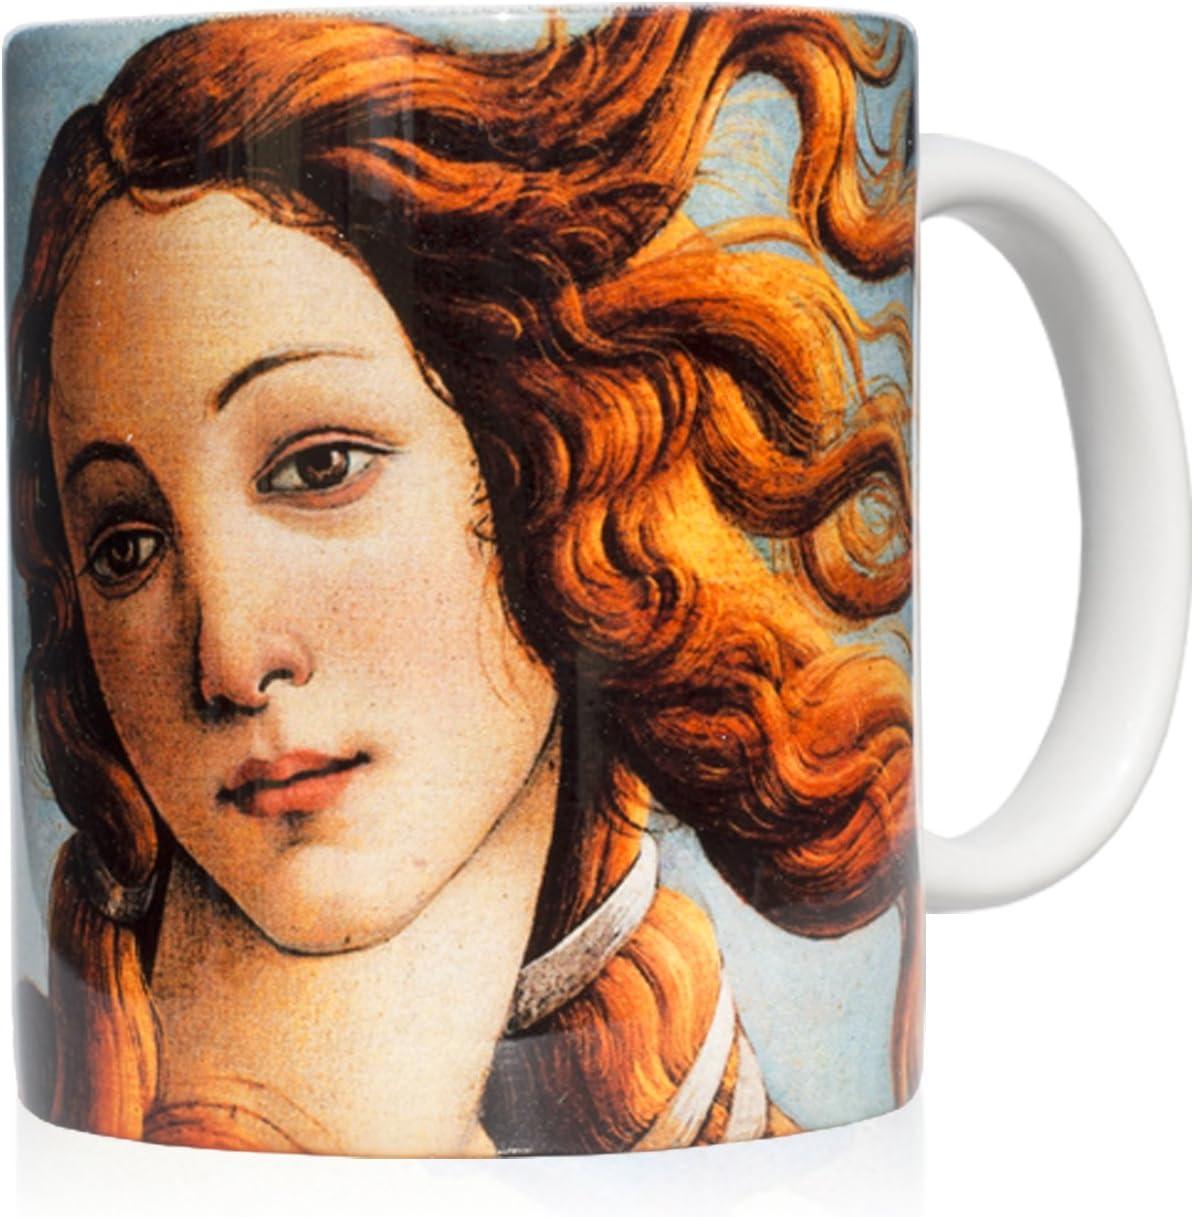 """We Love Art Taza mug Desayuno de cerámica Blanca 32 Cl. con impresión de Detalle Cuadro """"El Nacimiento de Venus"""" Autor Botticelli"""